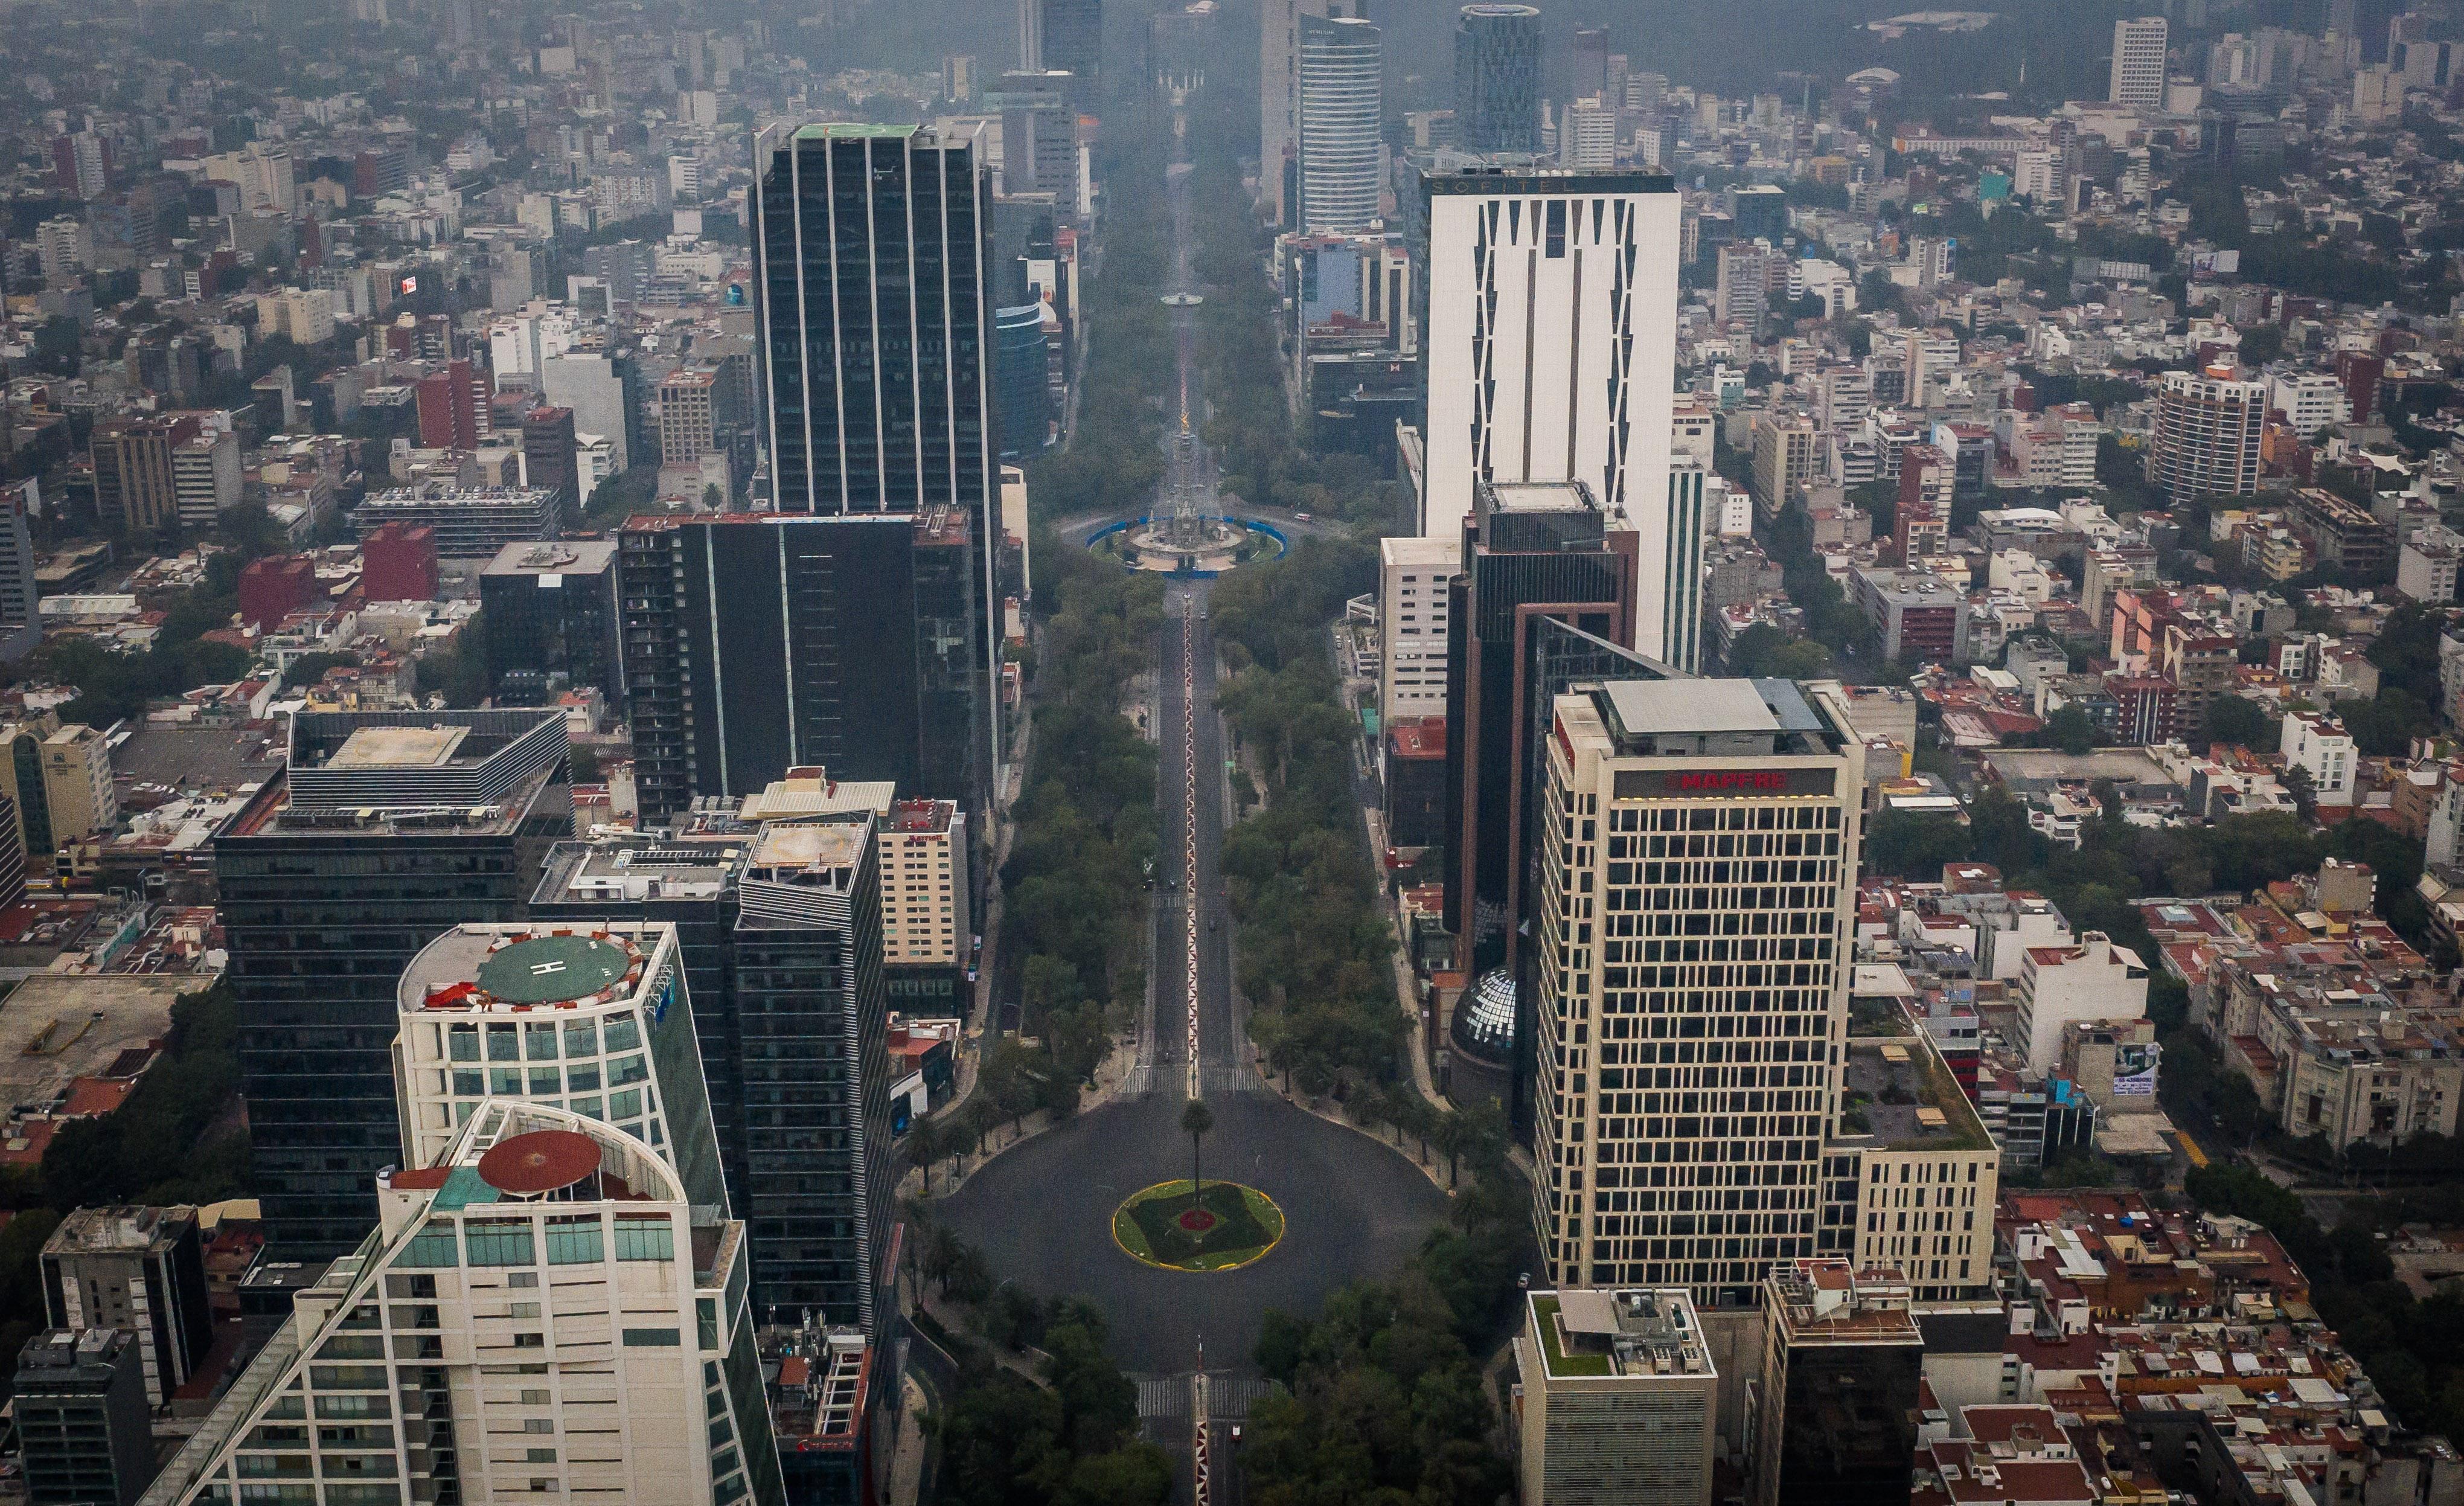 Vista aérea de avenida Paseo de la Reforma que presenta mínima presencia vehicular durante la mañana del día festivo por navidad.